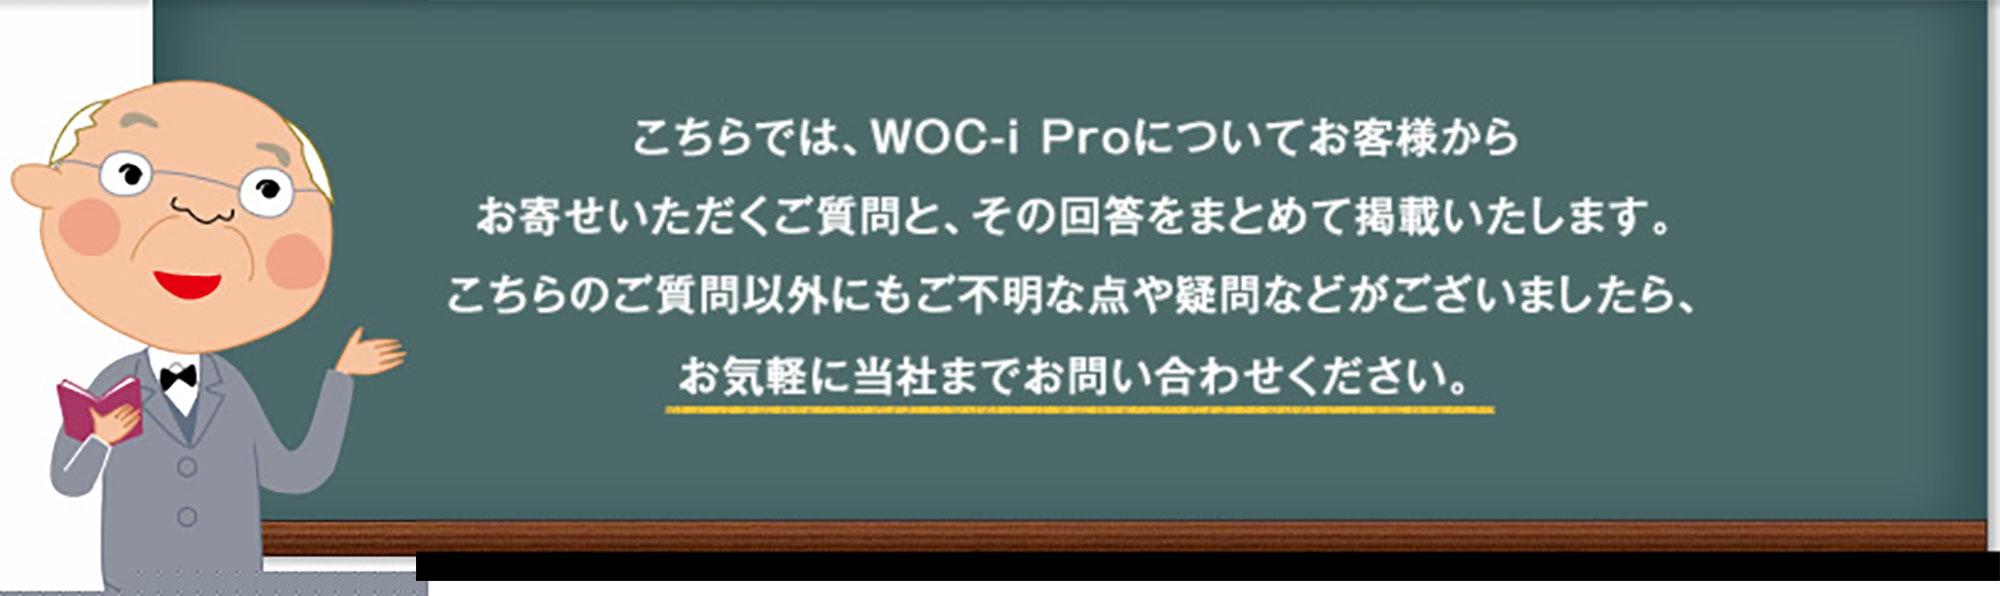 こちらでは、WOC-i Proについてお客様からお寄せいただくご質問と、その回答をまとめて掲載いたします。こちらのご質問以外にもご不明な点や疑問などがございましたら、お気軽に当社までお問い合わせください。